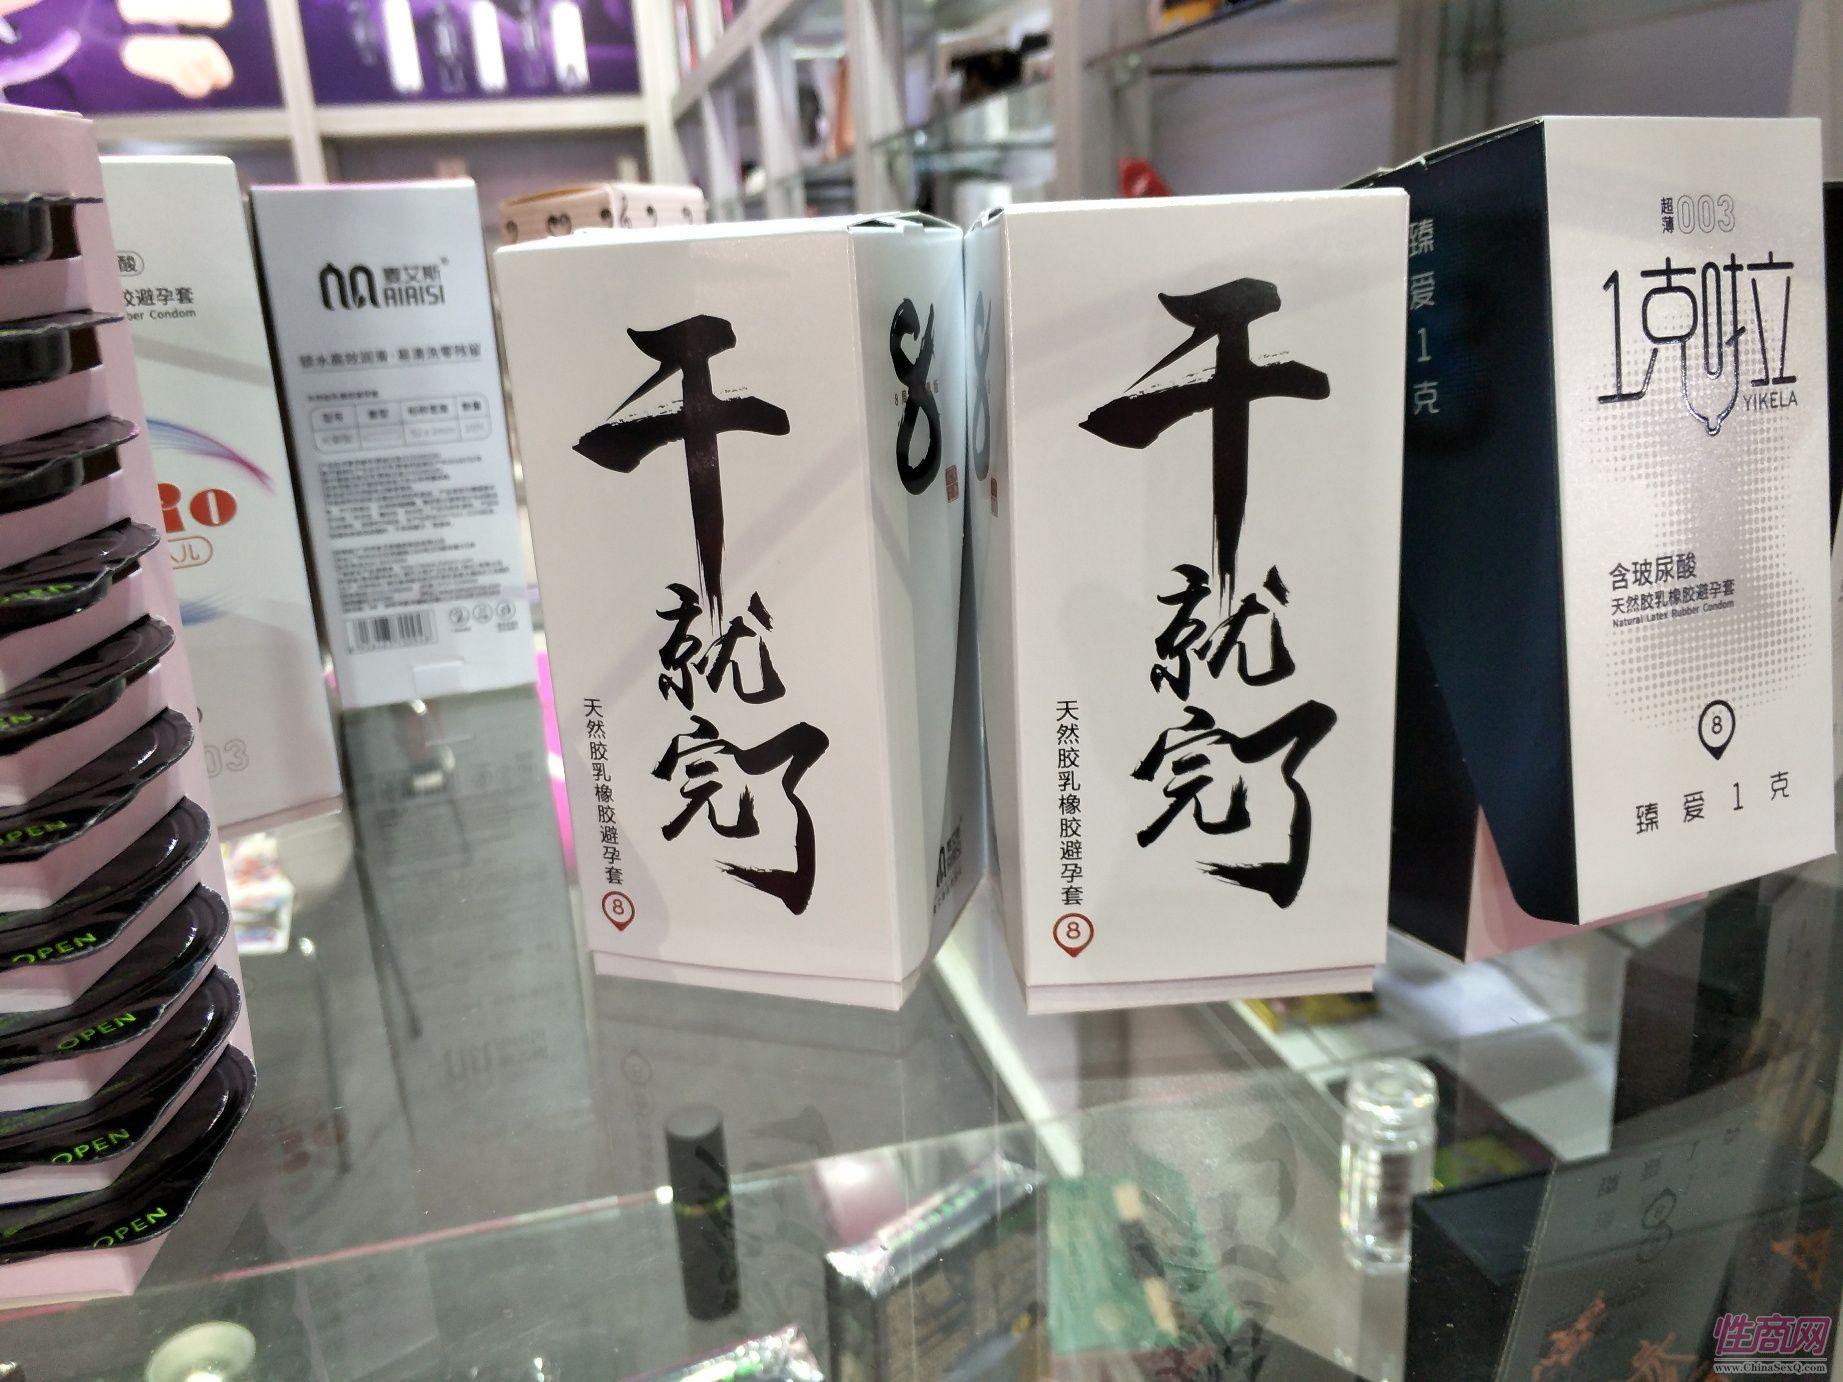 18上海成人展-参展产品 (26)